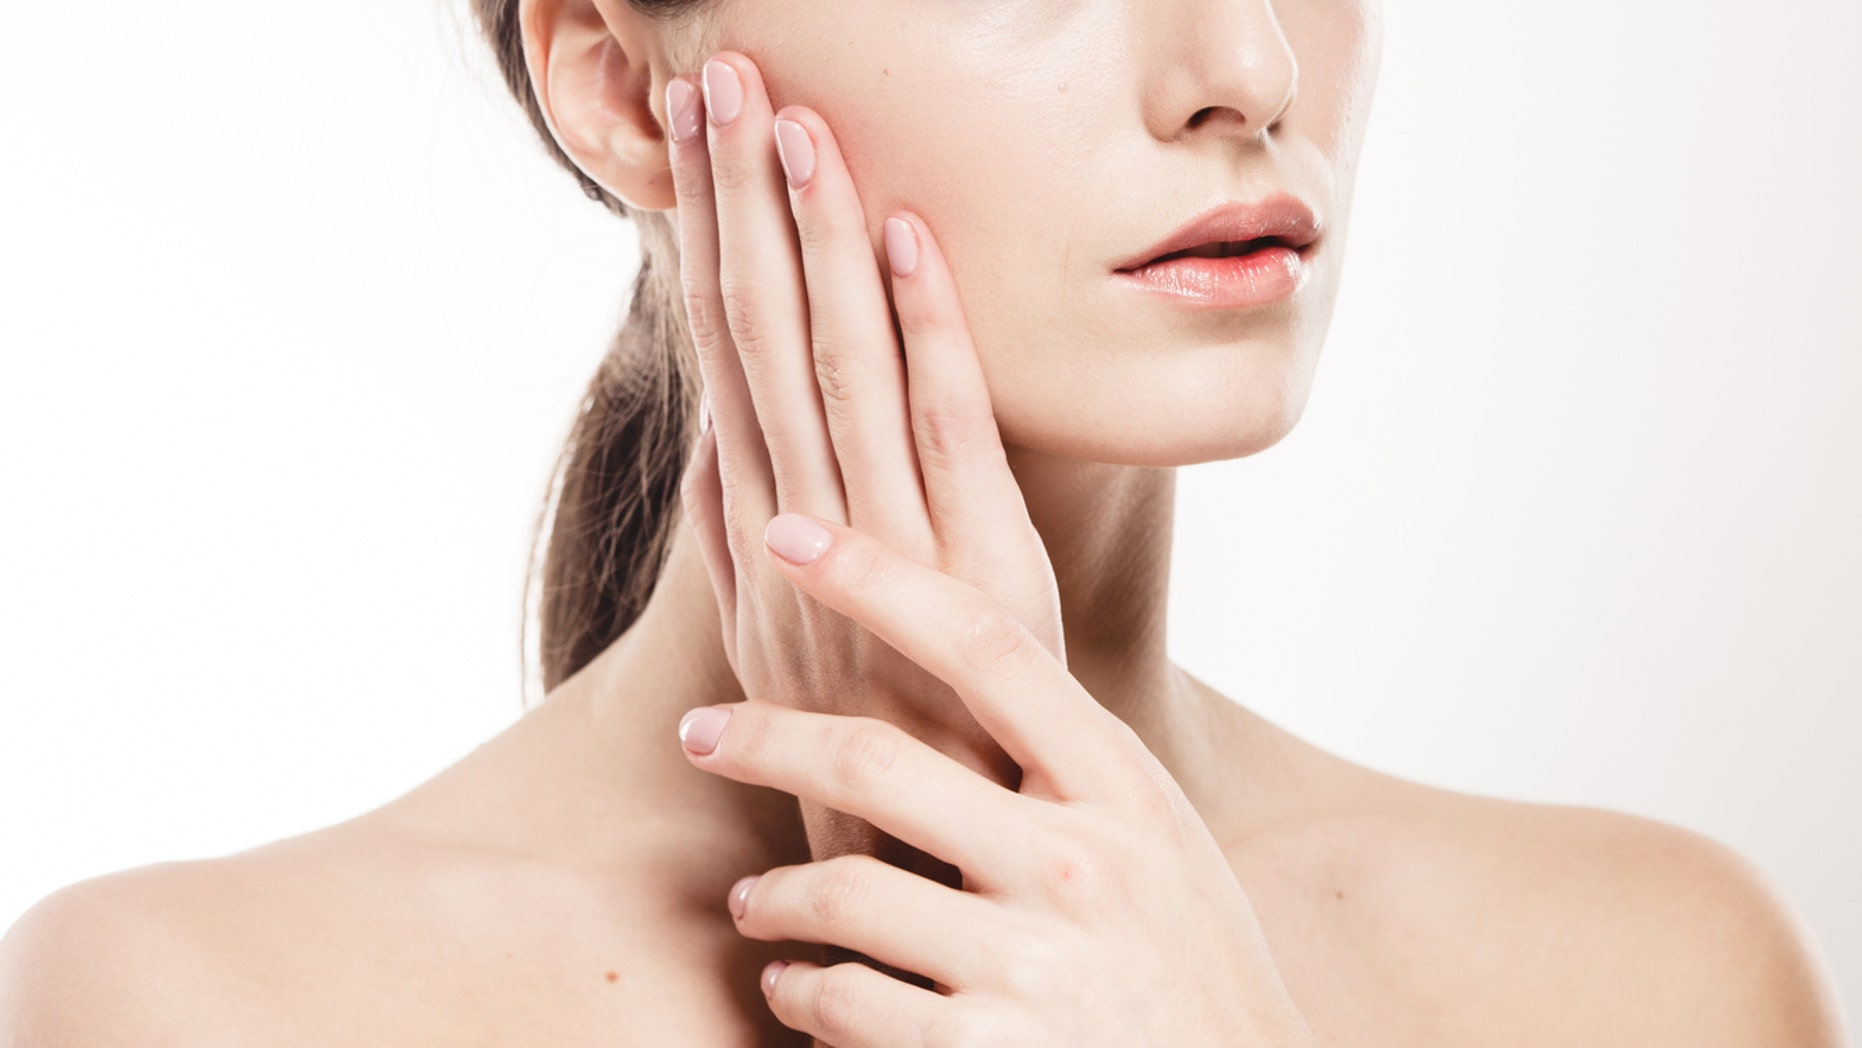 Woman shoulders lips hands fingers close-up portrait. Studio shot.